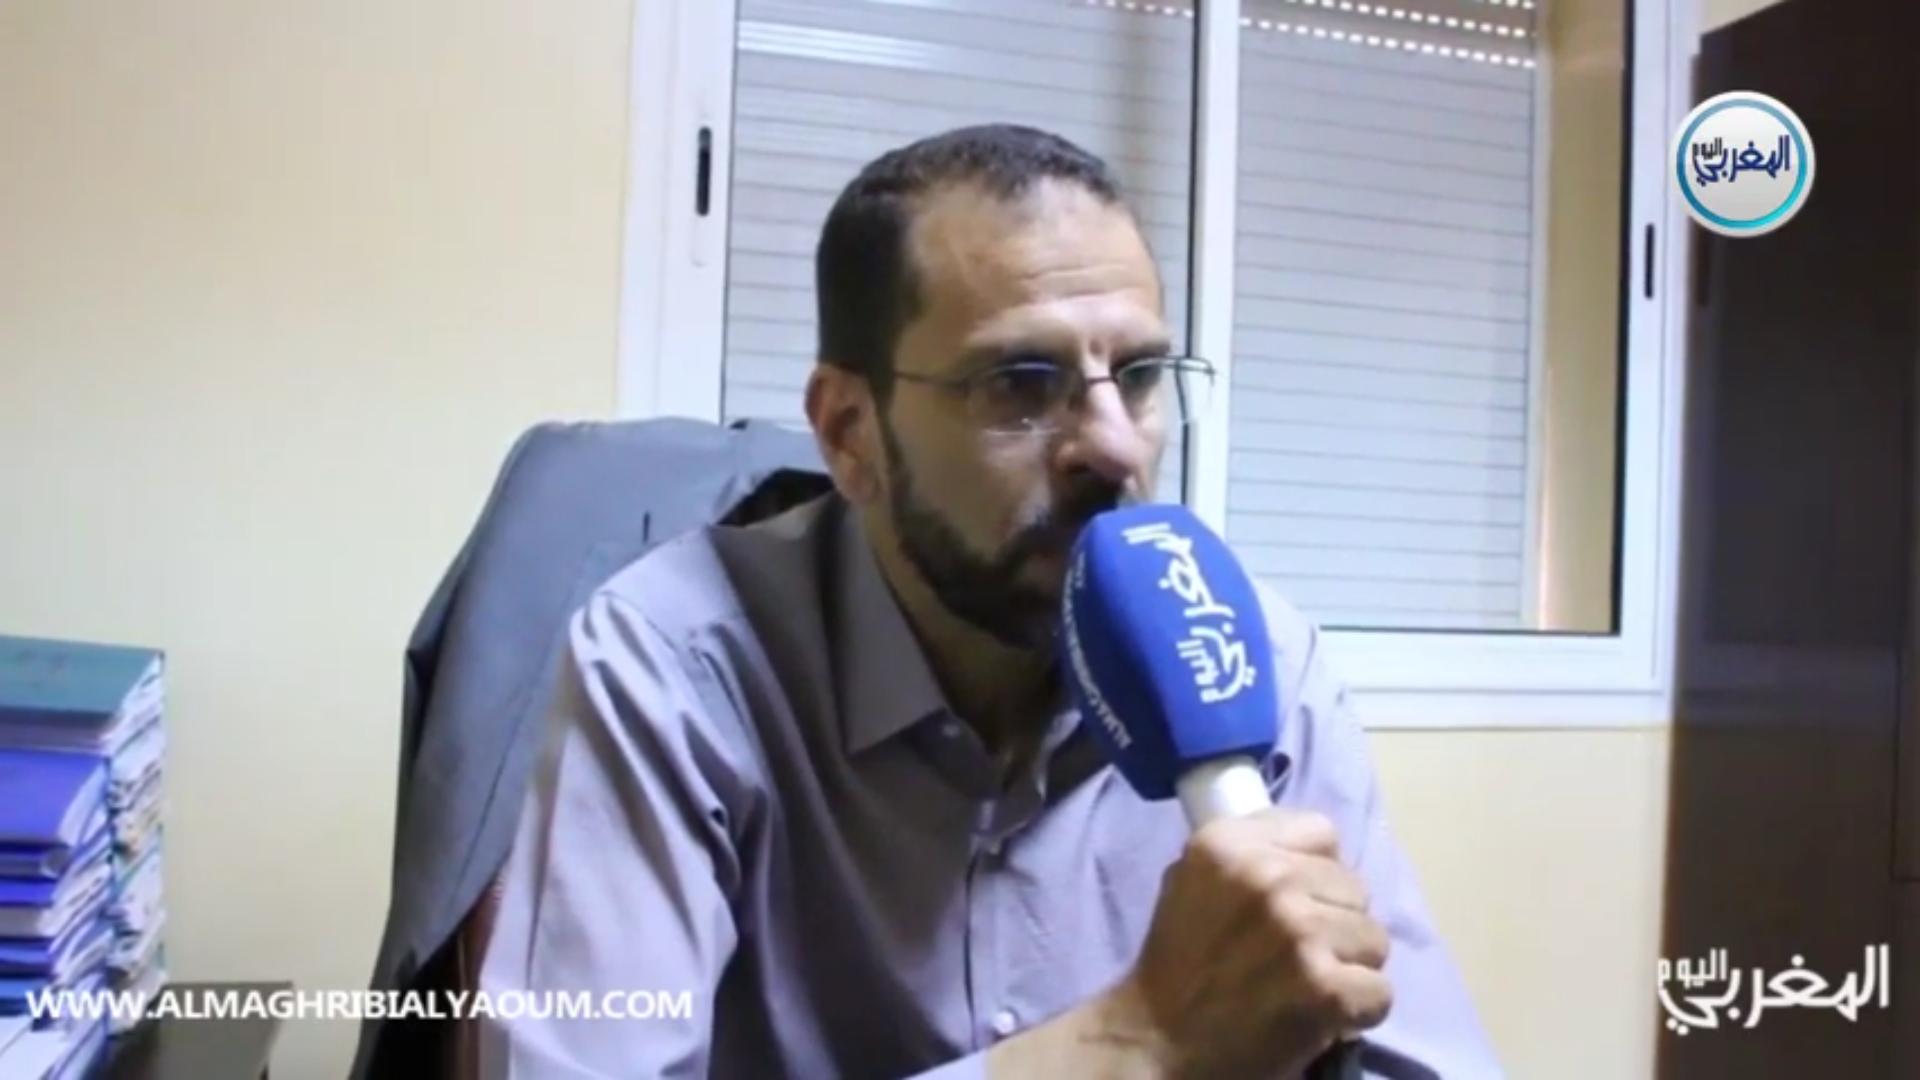 بالفيديو… إكراهات مهنة العدول بالمغرب بين سندان الناسخ وقضاة التوثيق